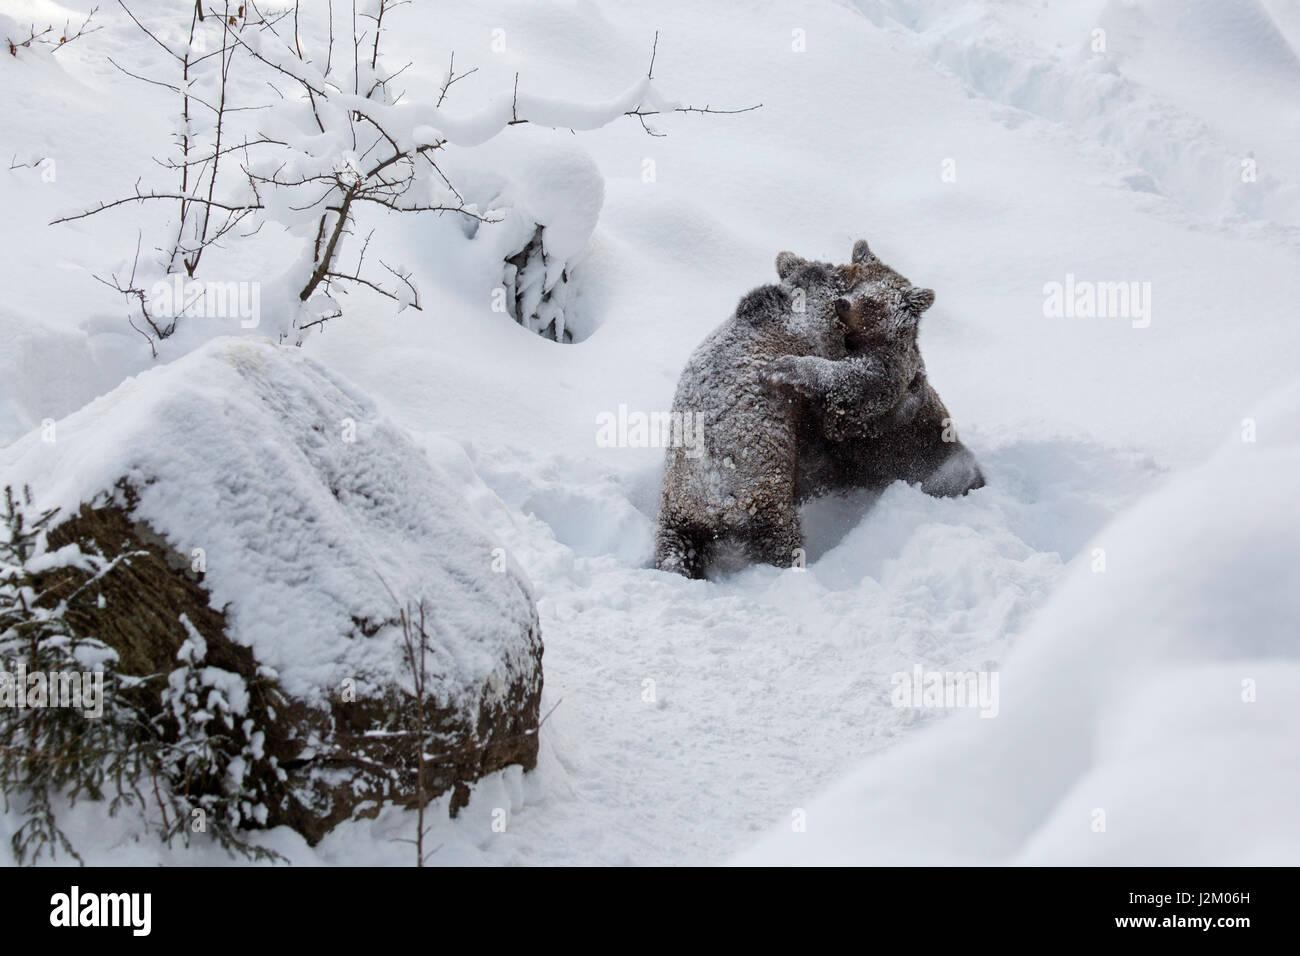 Deux 1 ans d'oursons ours brun (Ursus arctos arctos) jouer les combats dans la neige en hiver Photo Stock